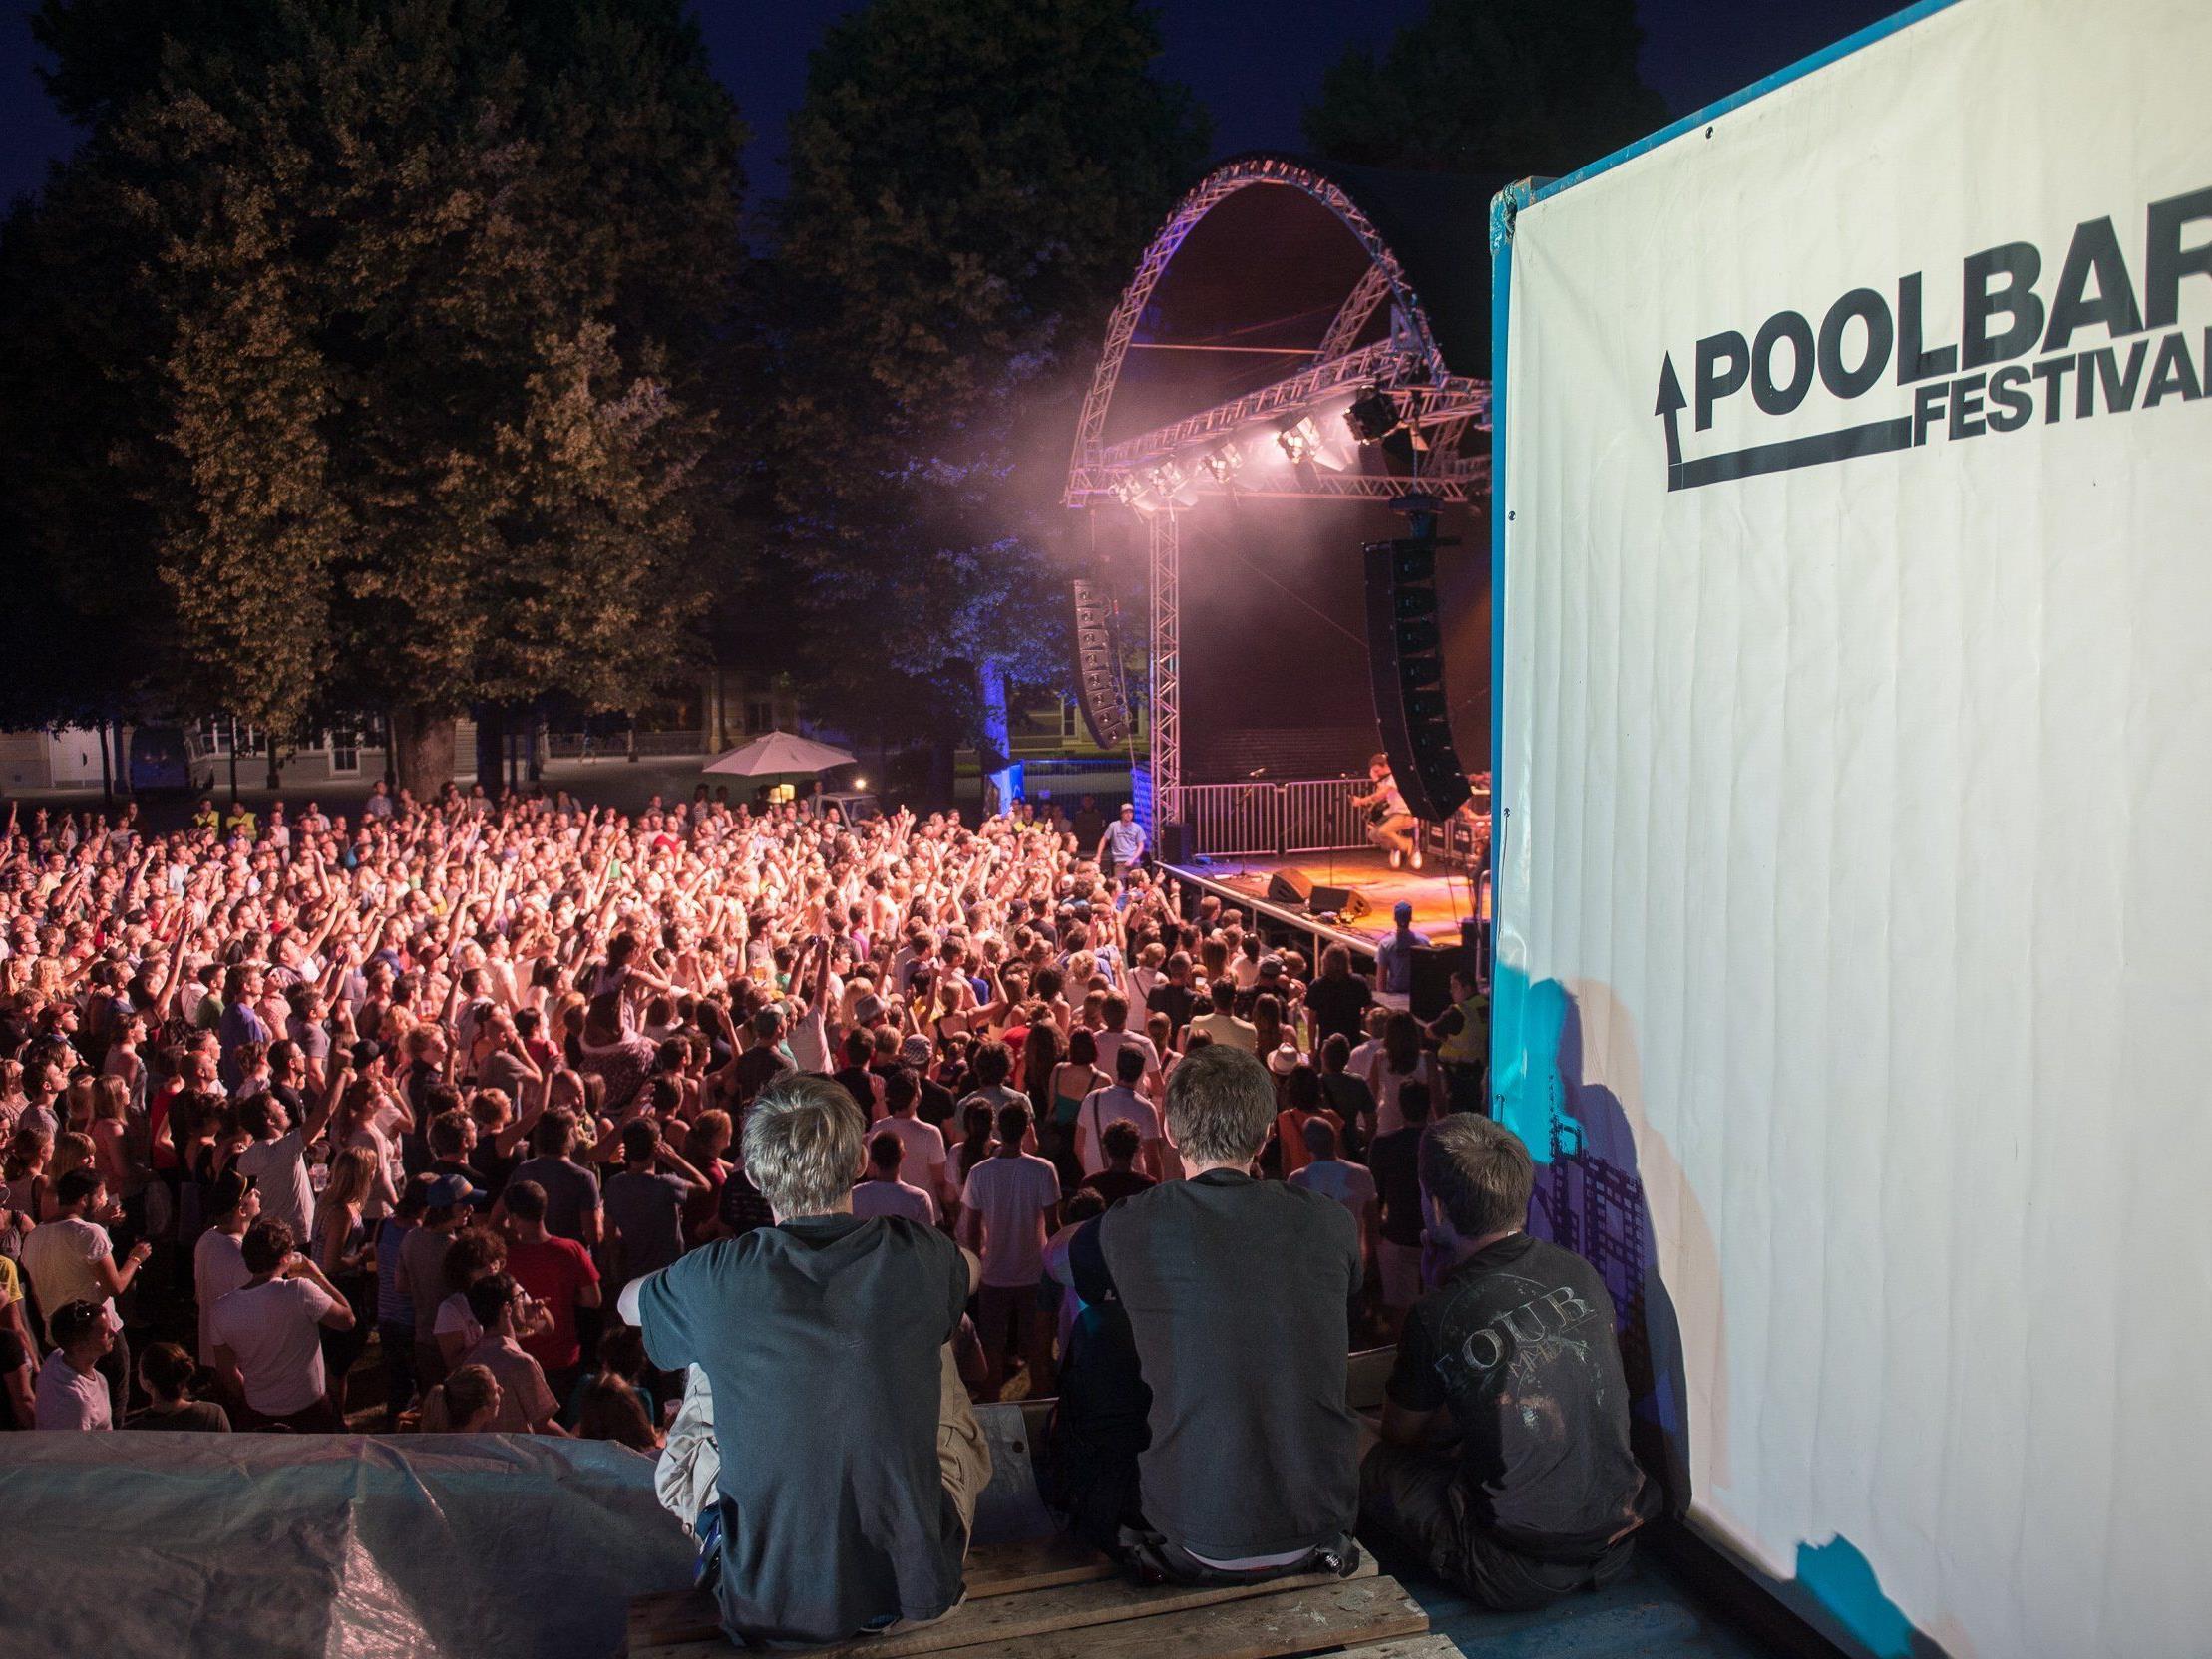 Auch beim poolbar//festival 2015 wird wieder gefeiert.